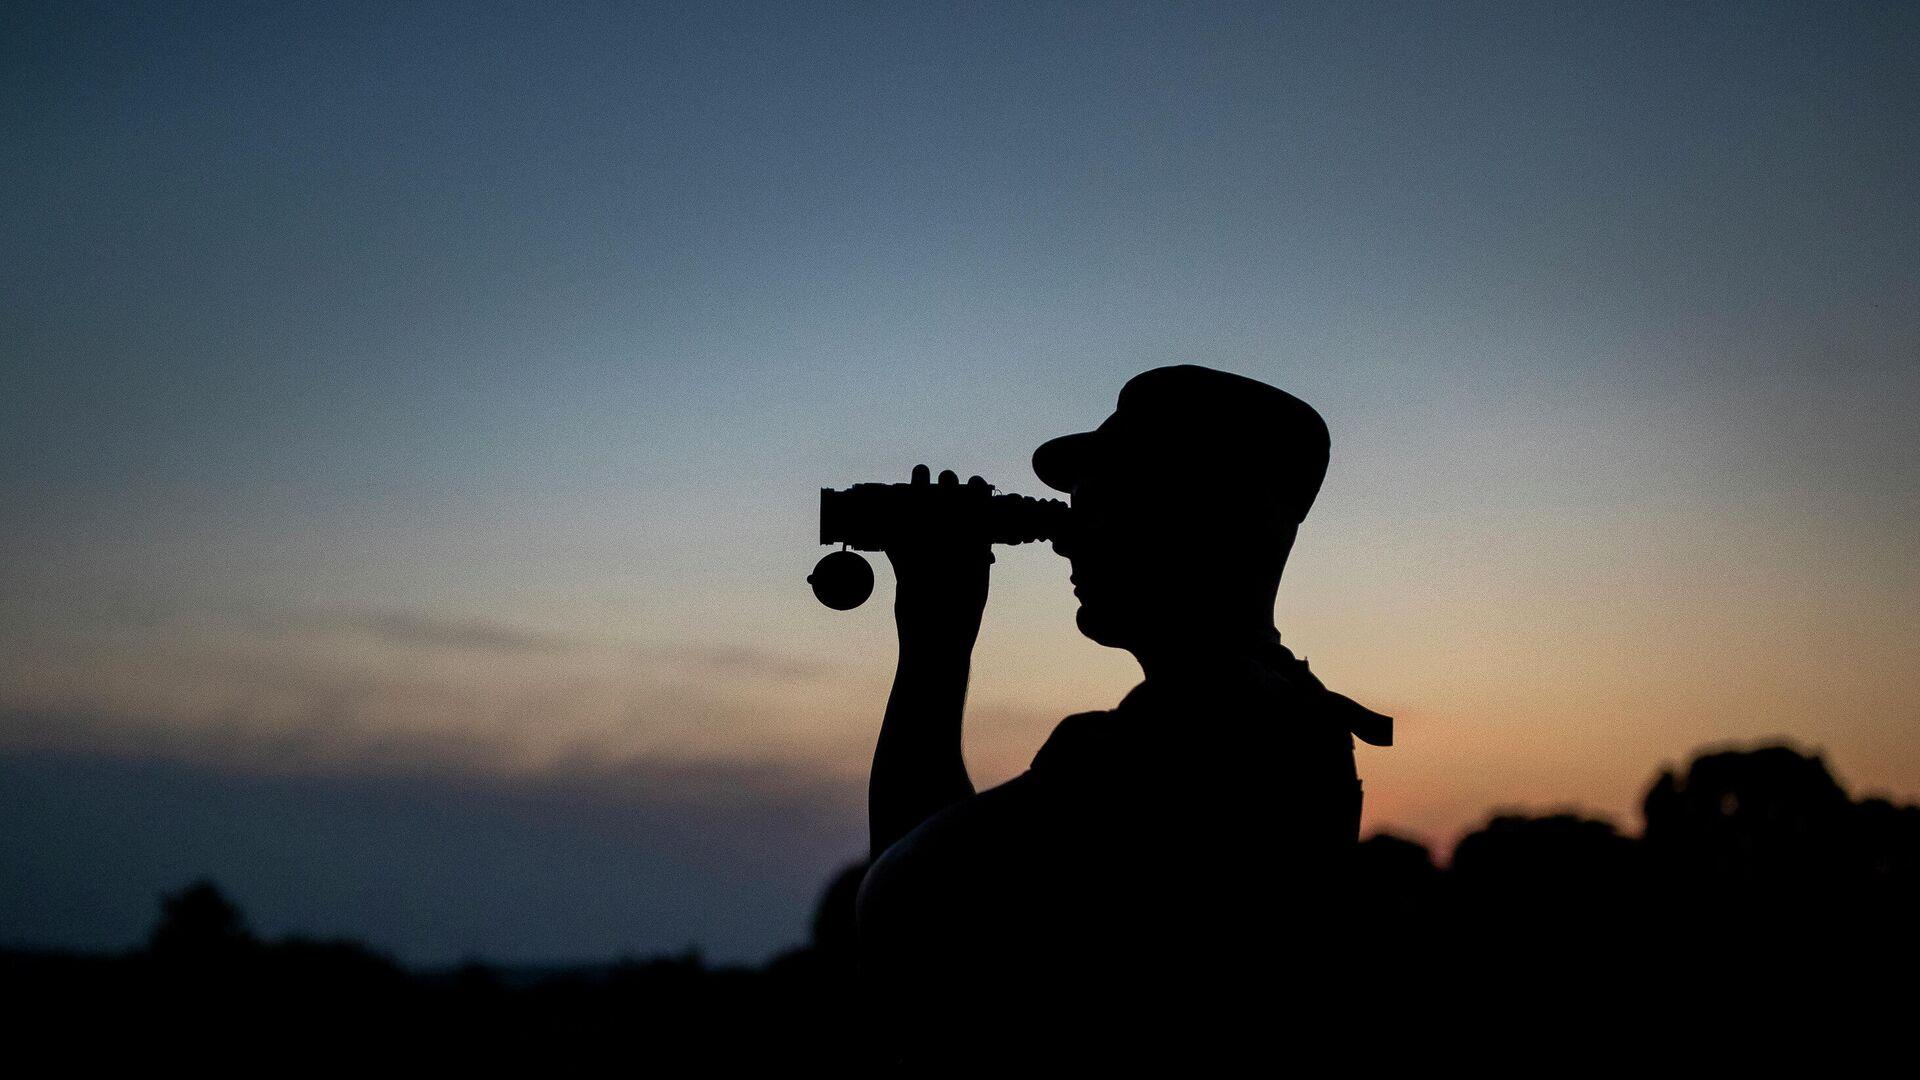 Литовский пограничник патрулирует границу с Белоруссией  - РИА Новости, 1920, 14.09.2021